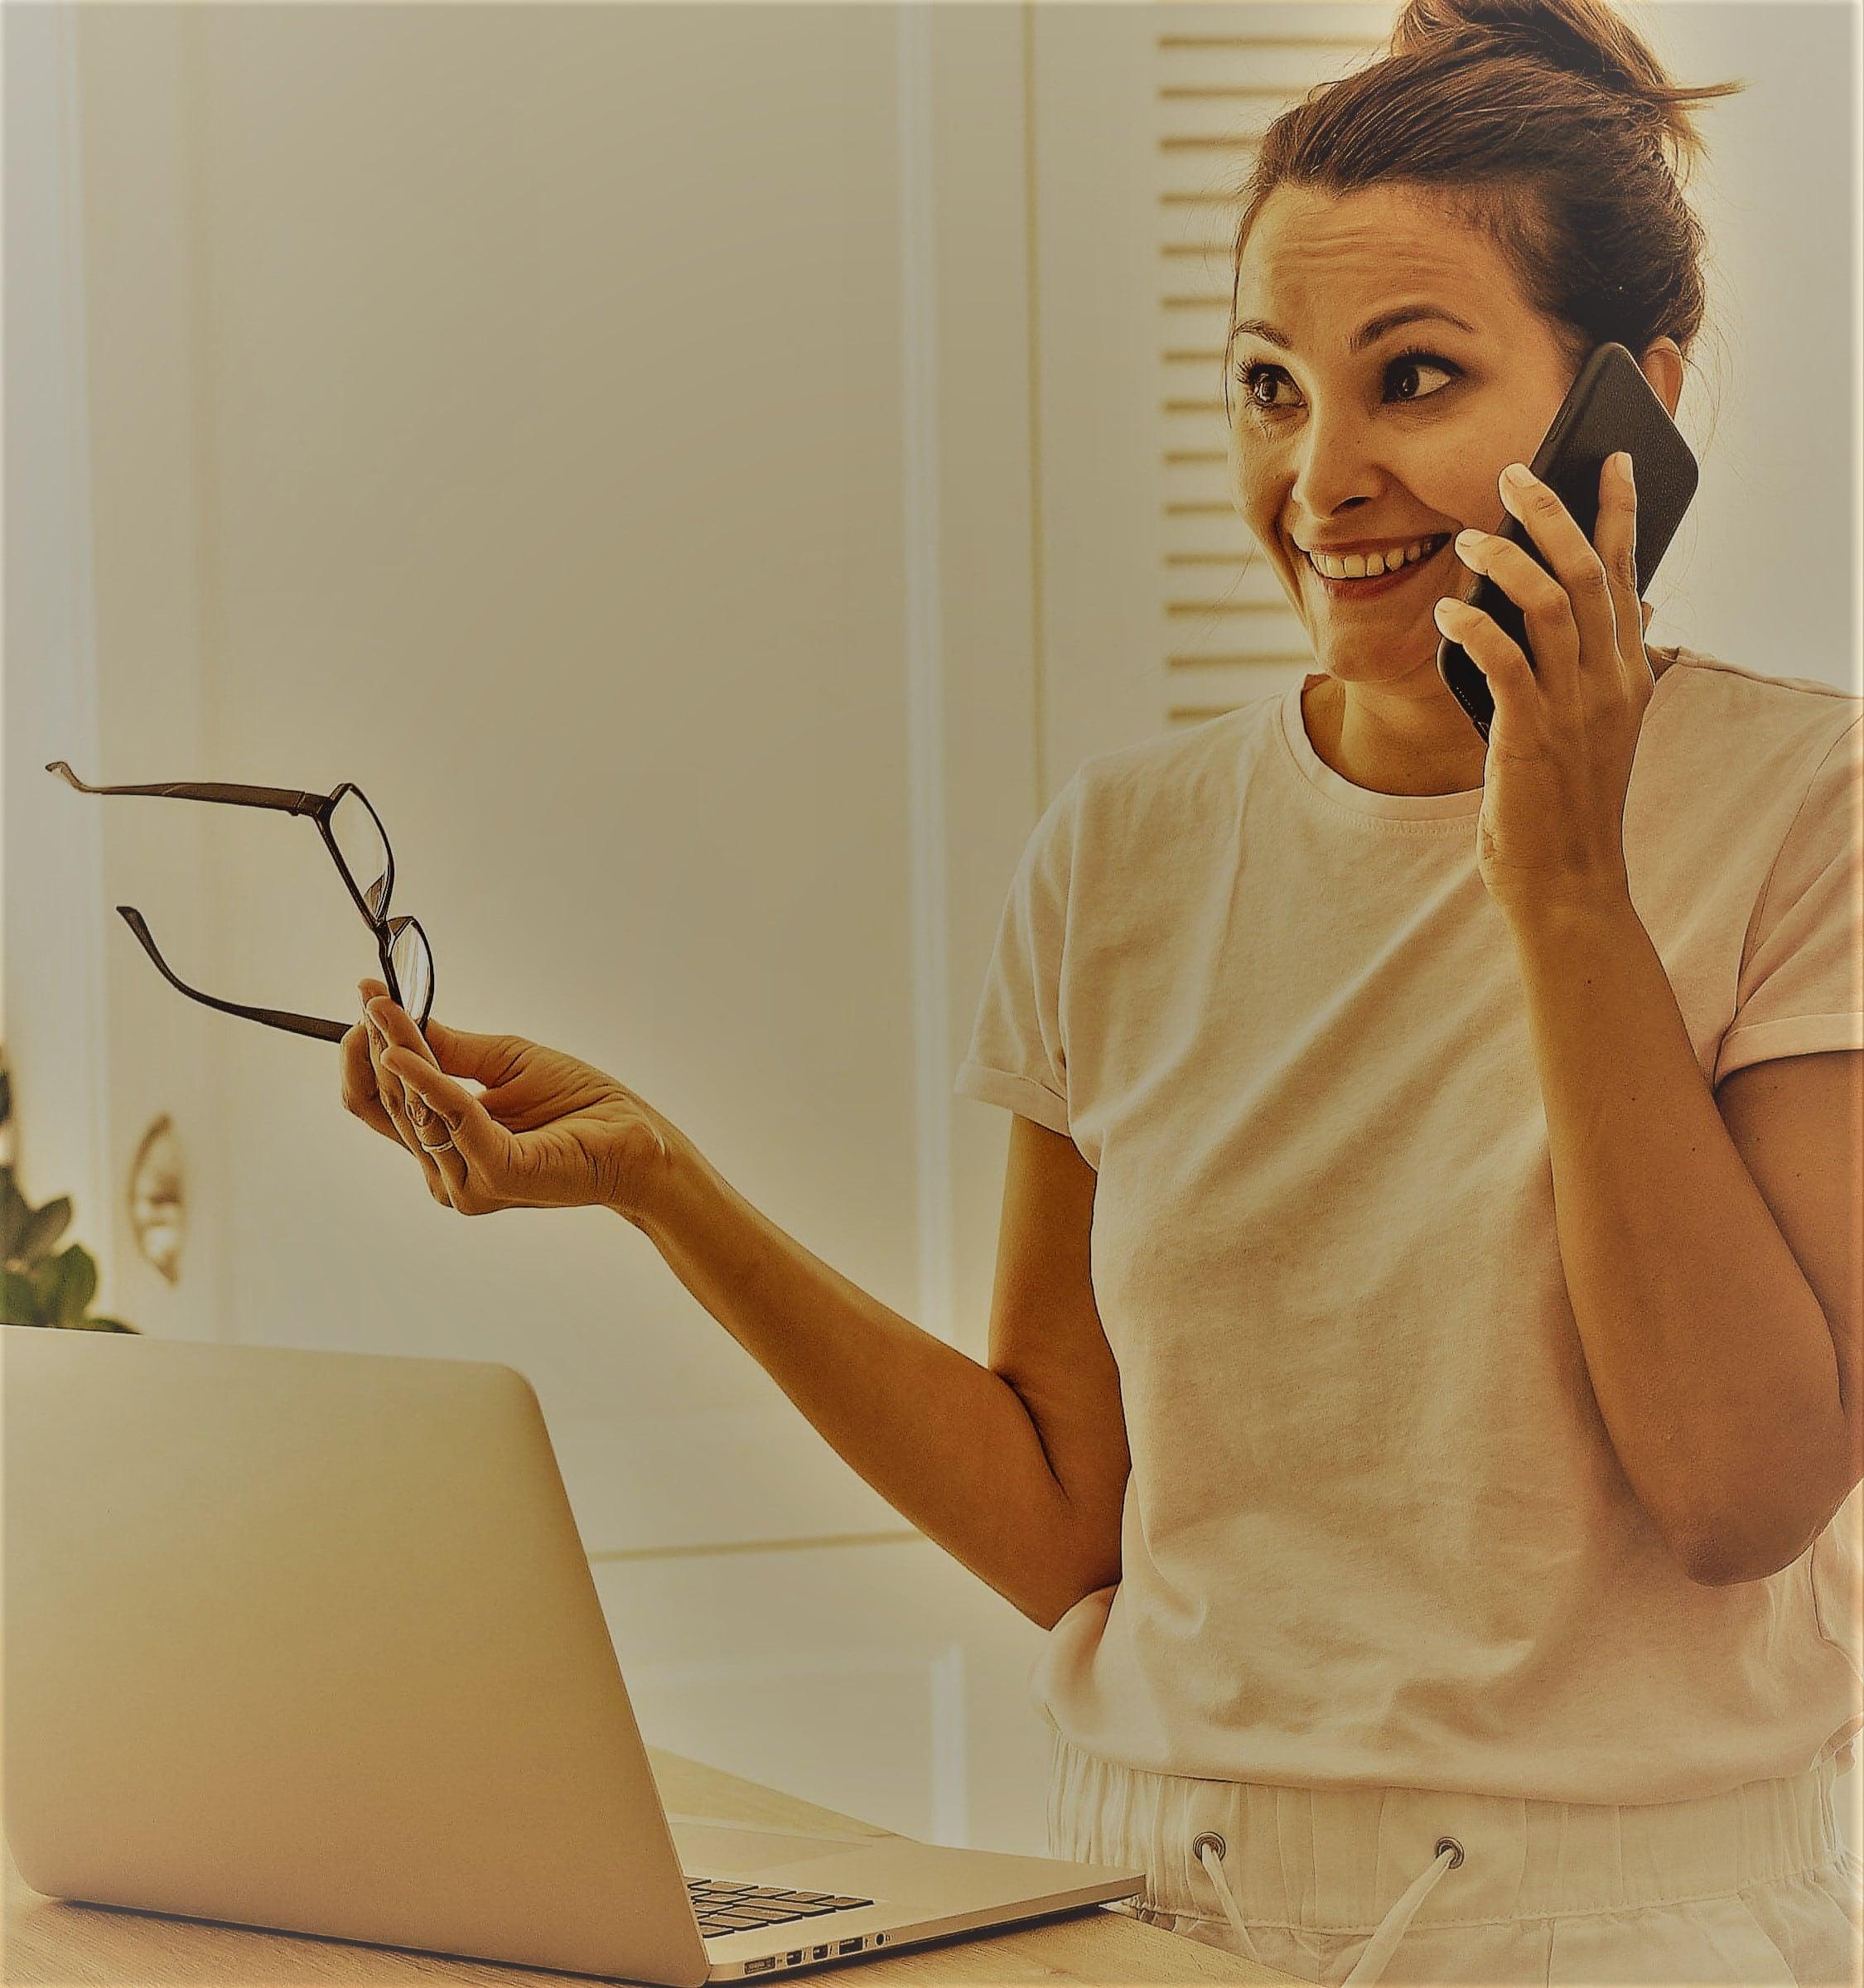 casual-adult-woman-talking-on-the-phone-min-min-min-min-min.jpg